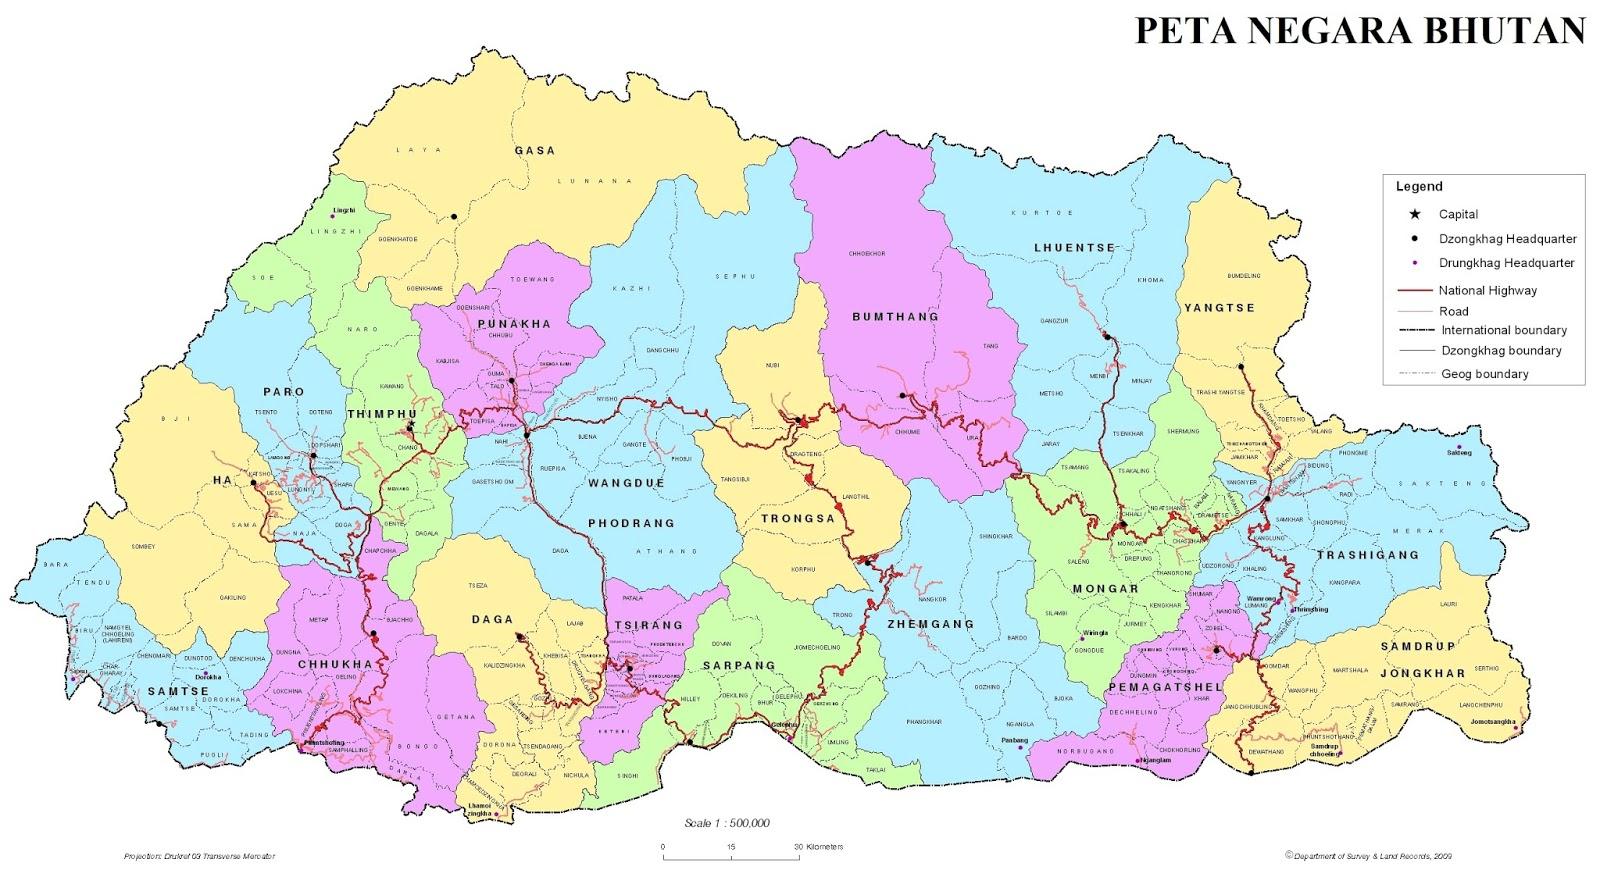 Peta Negara Bhutan